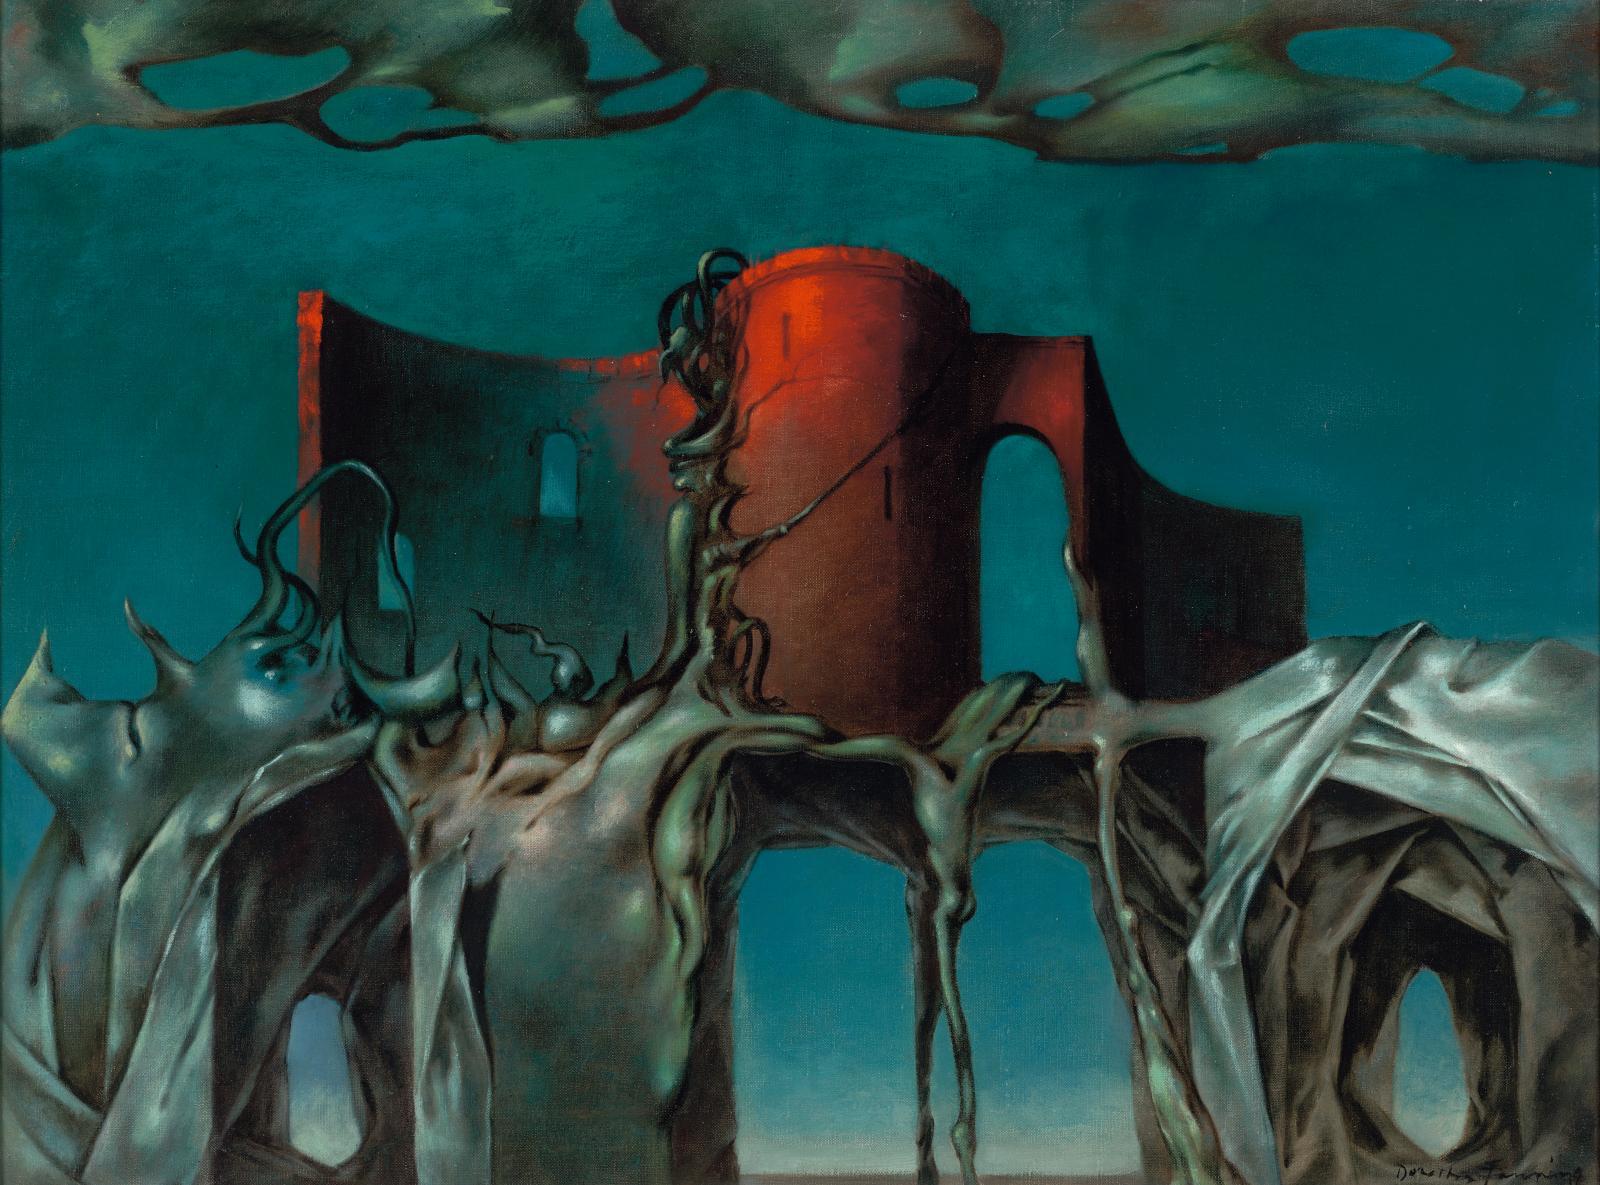 Dorothea Tanning, La Sorcière, 1950, huile sur toile, 46 x 61cm. Courtesy of Gallery Wendi Norris, San Francisco